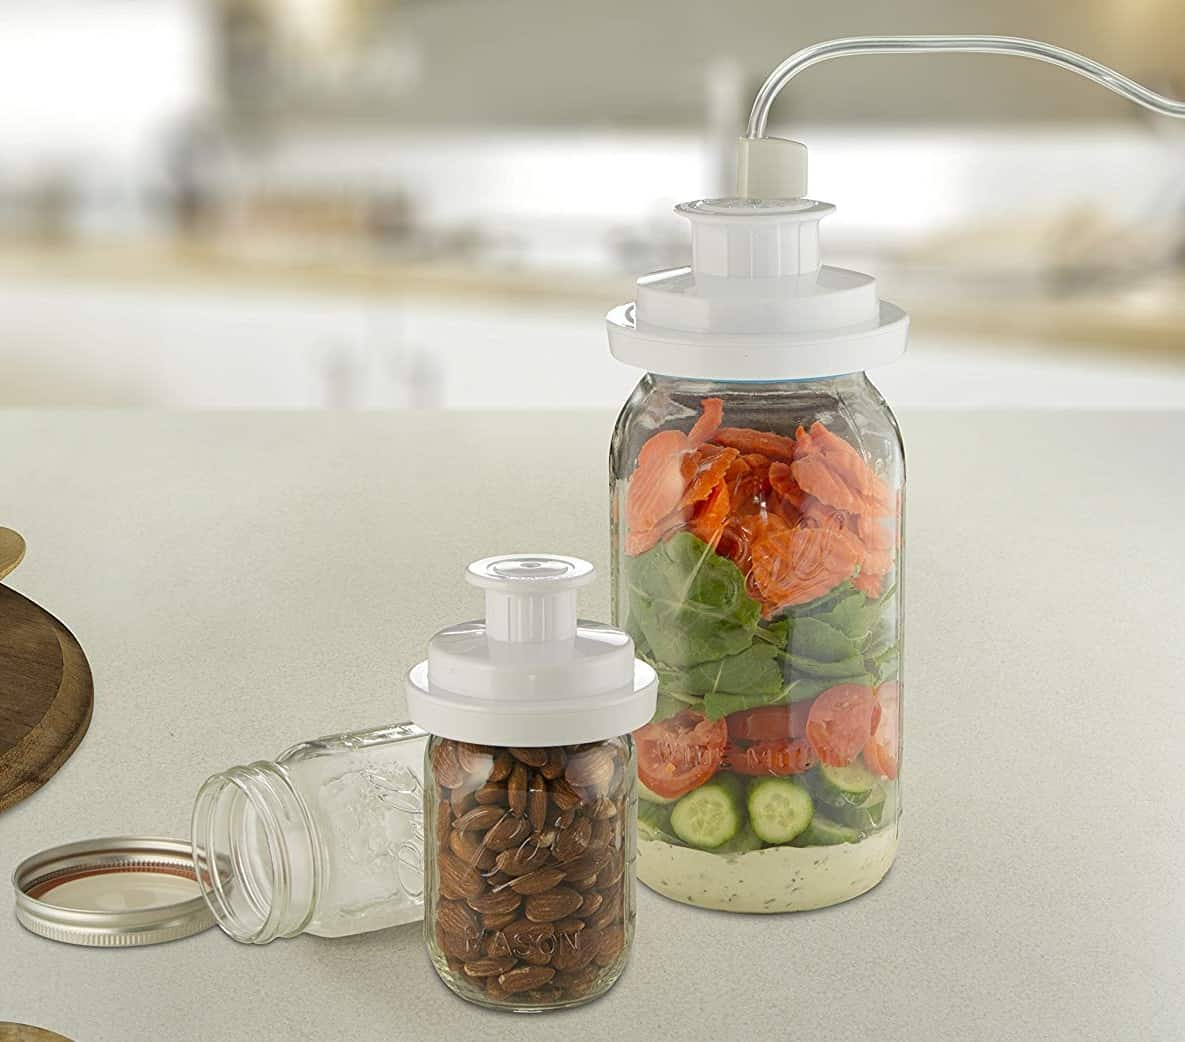 FoodSaver and Jar